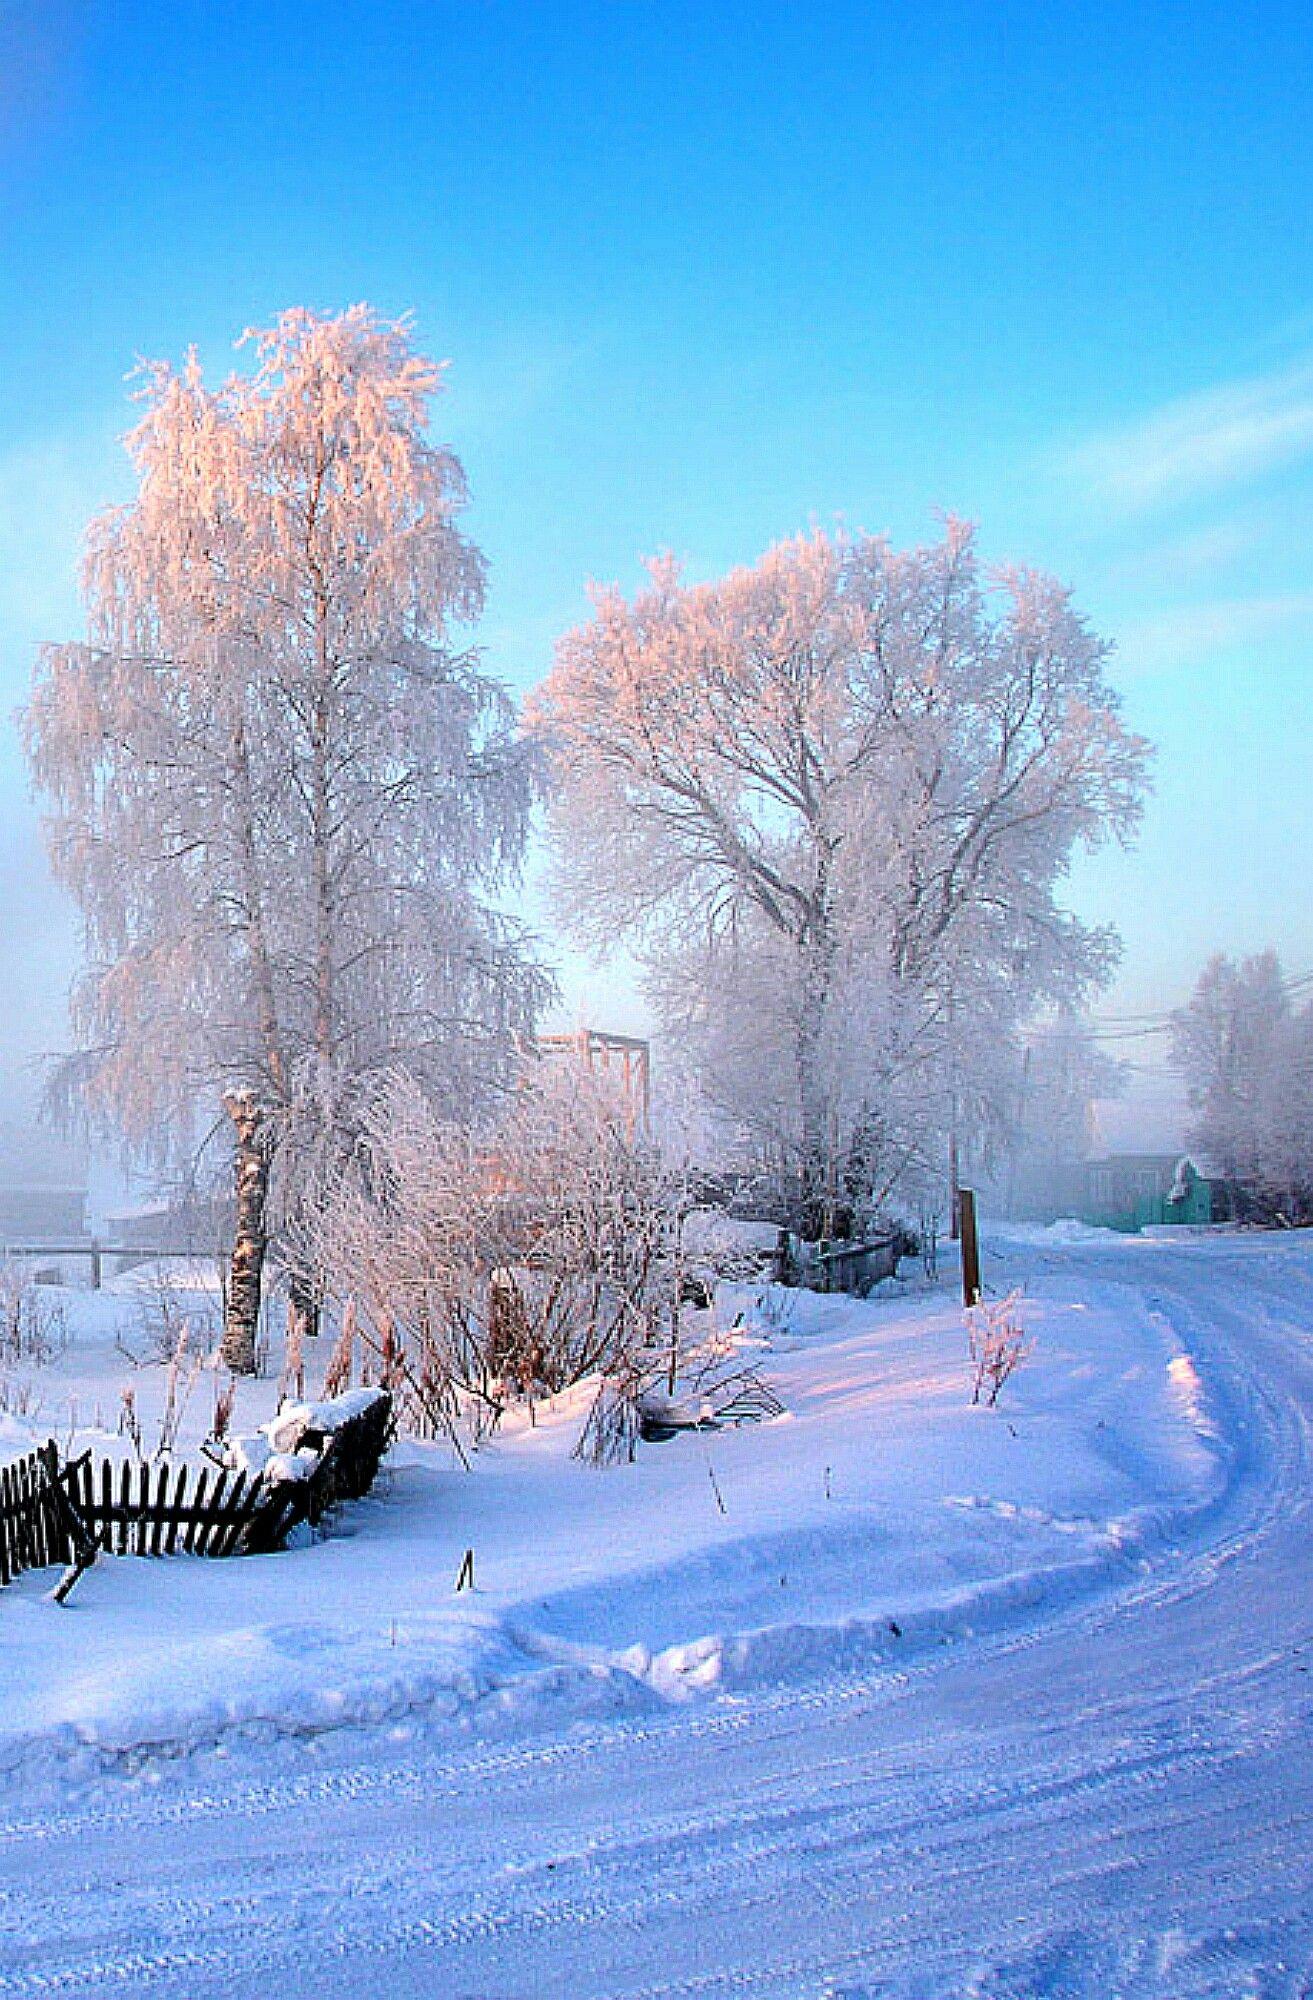 Beautiful Winter Outfit Www Pinterest Com: Winter Landscape, Winter Scenery